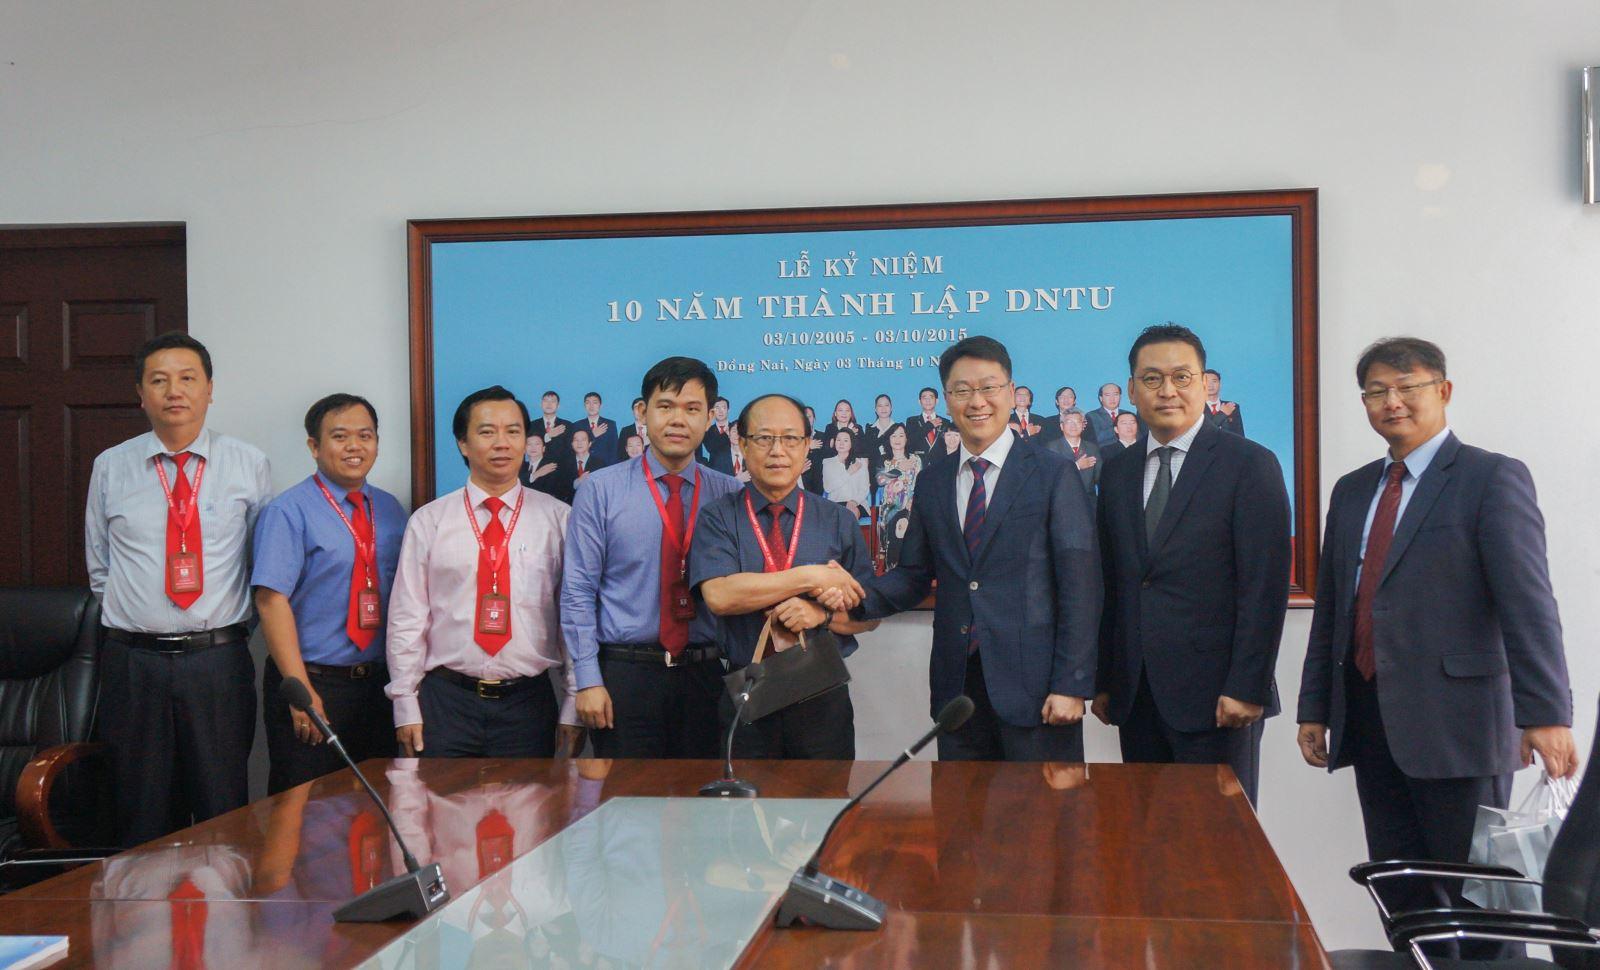 Trường Đại học Hoseo (Hàn Quốc) đến thăm và làm việc tại Trường Đại học Công nghệ Đồng Nai